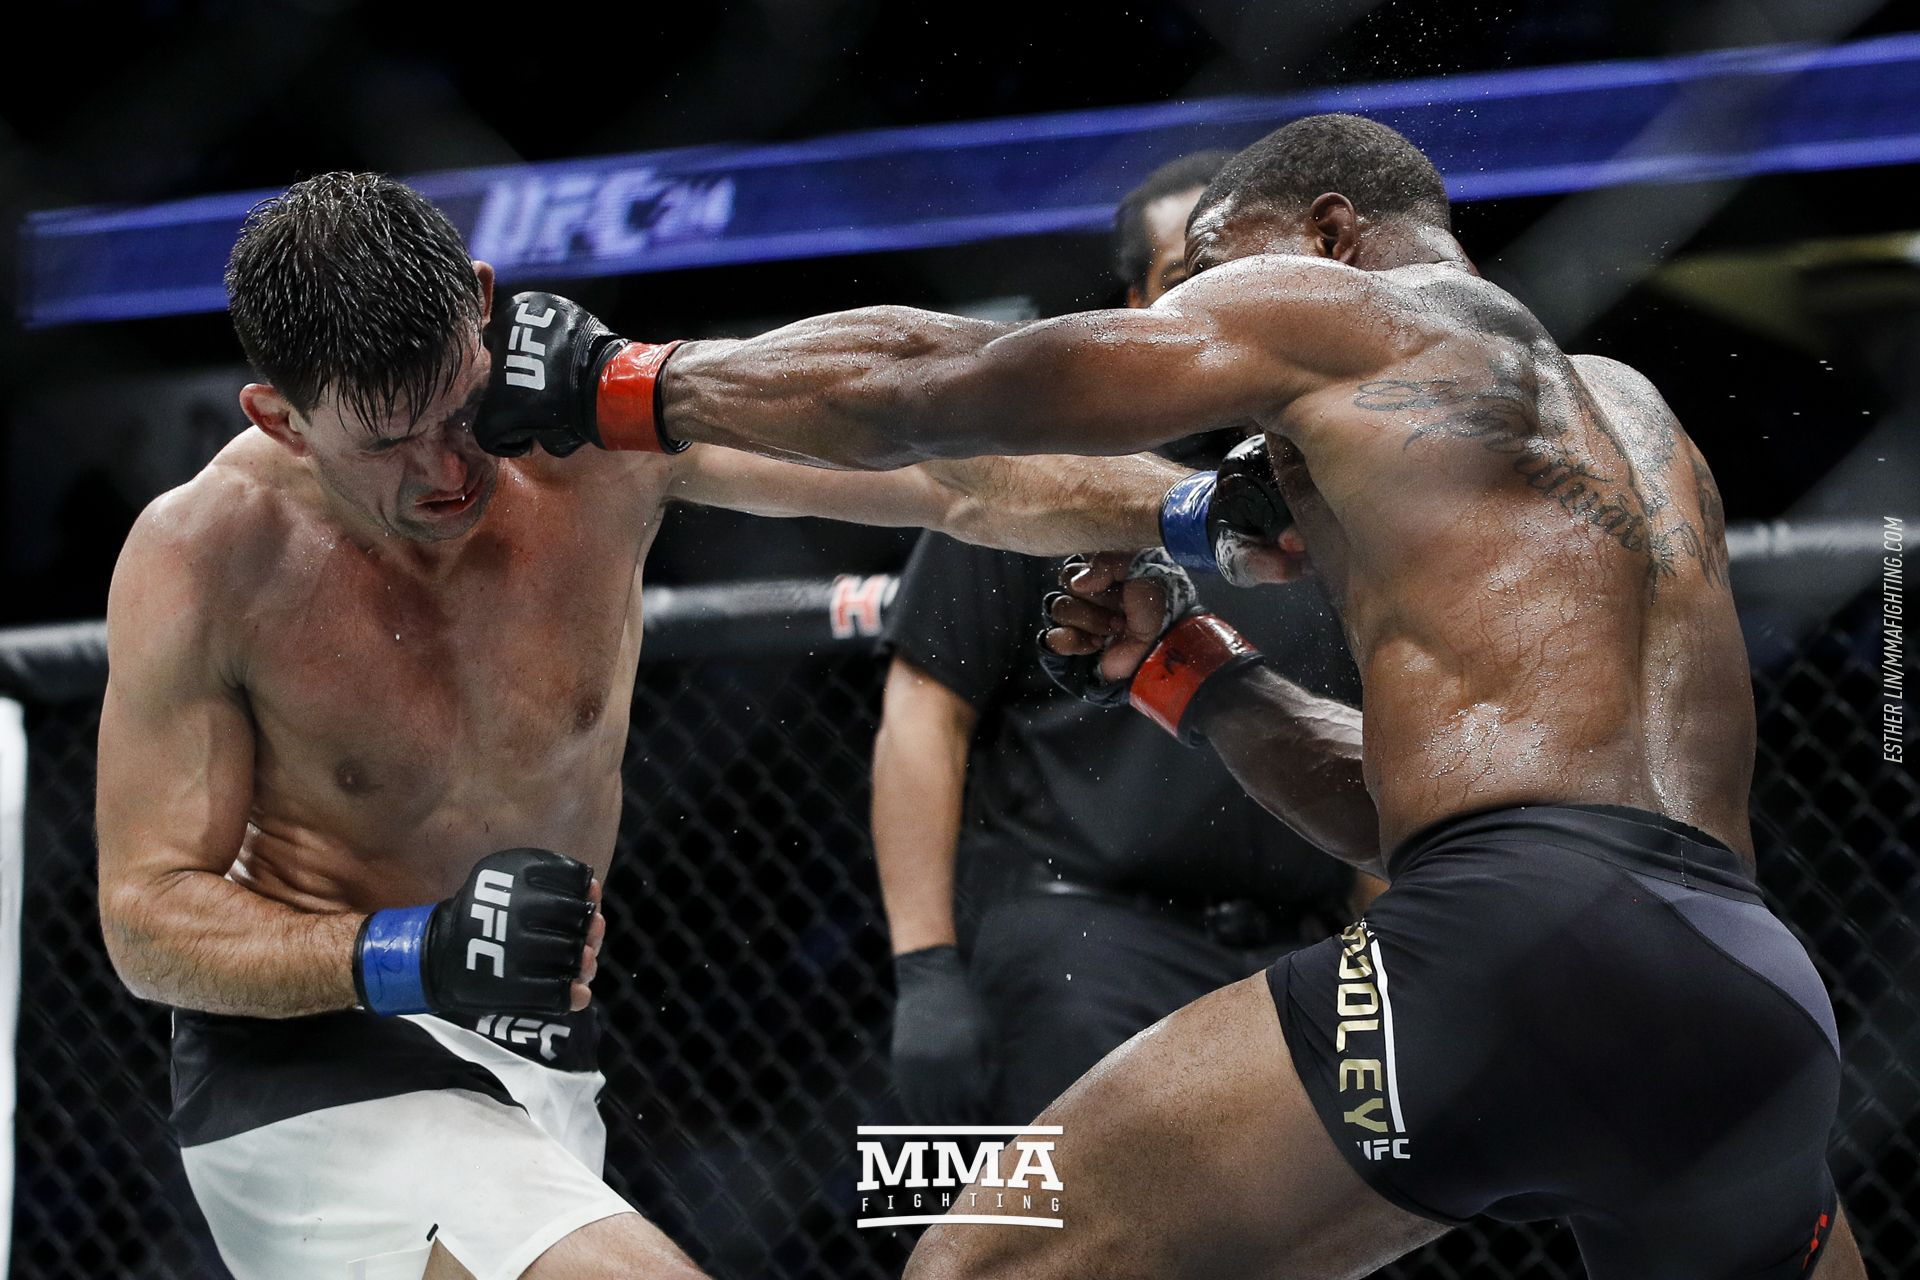 UFC 214 photos